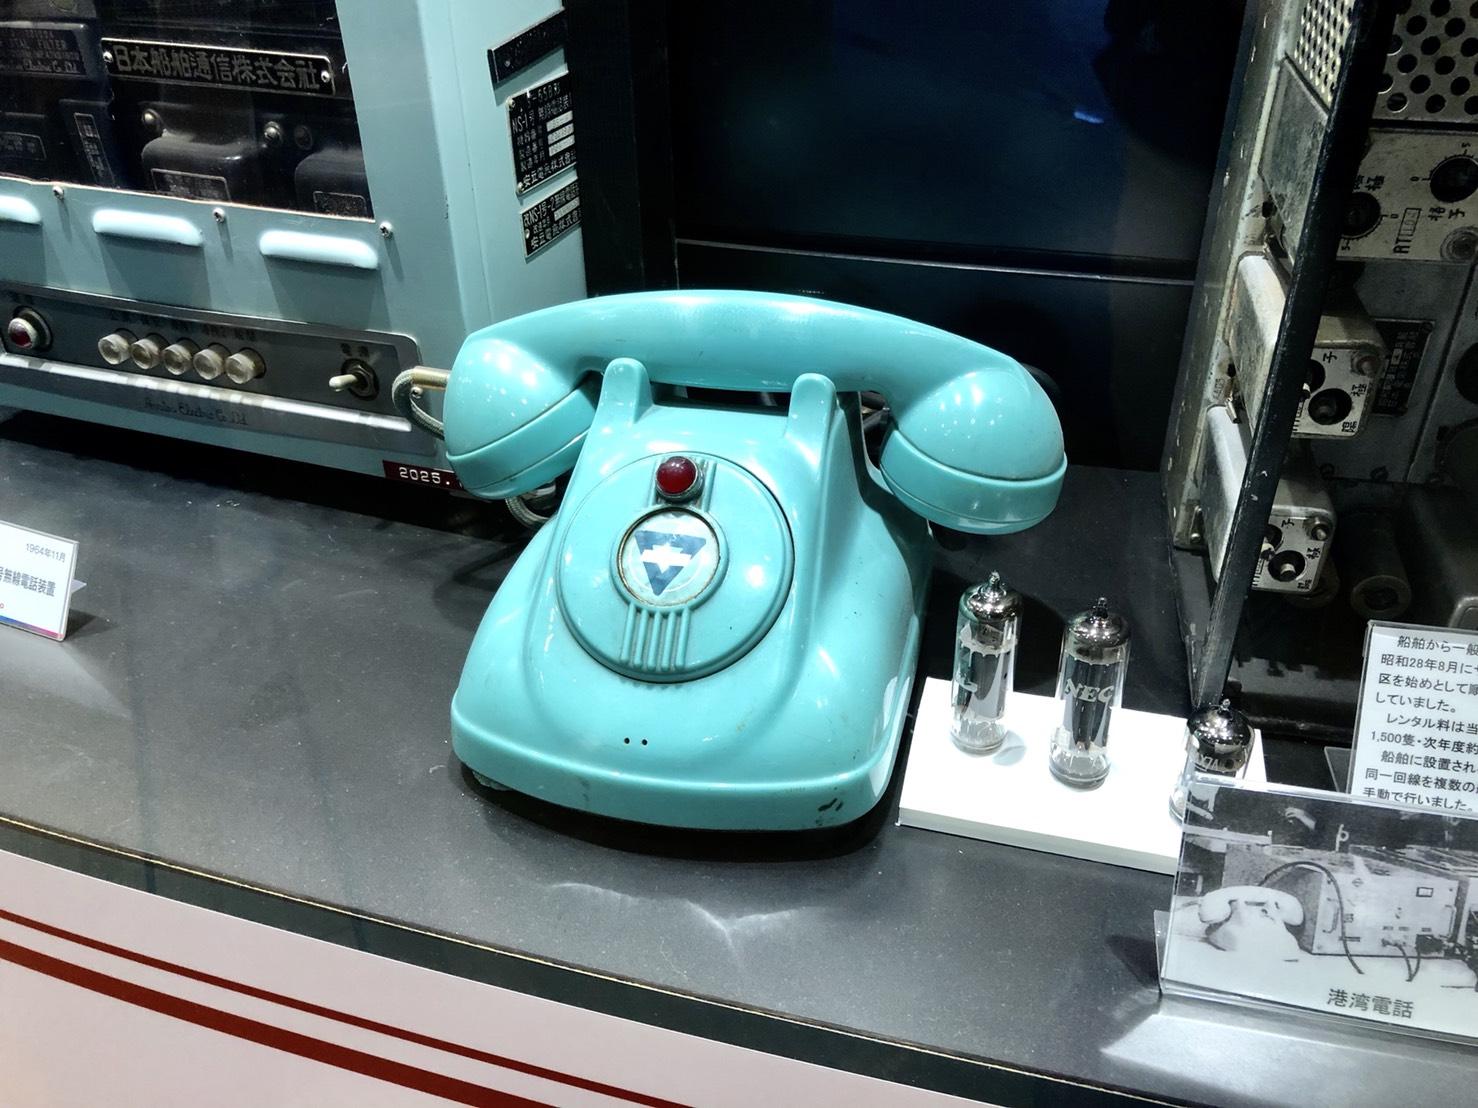 黒電話と思いきや、ダイヤルもない…